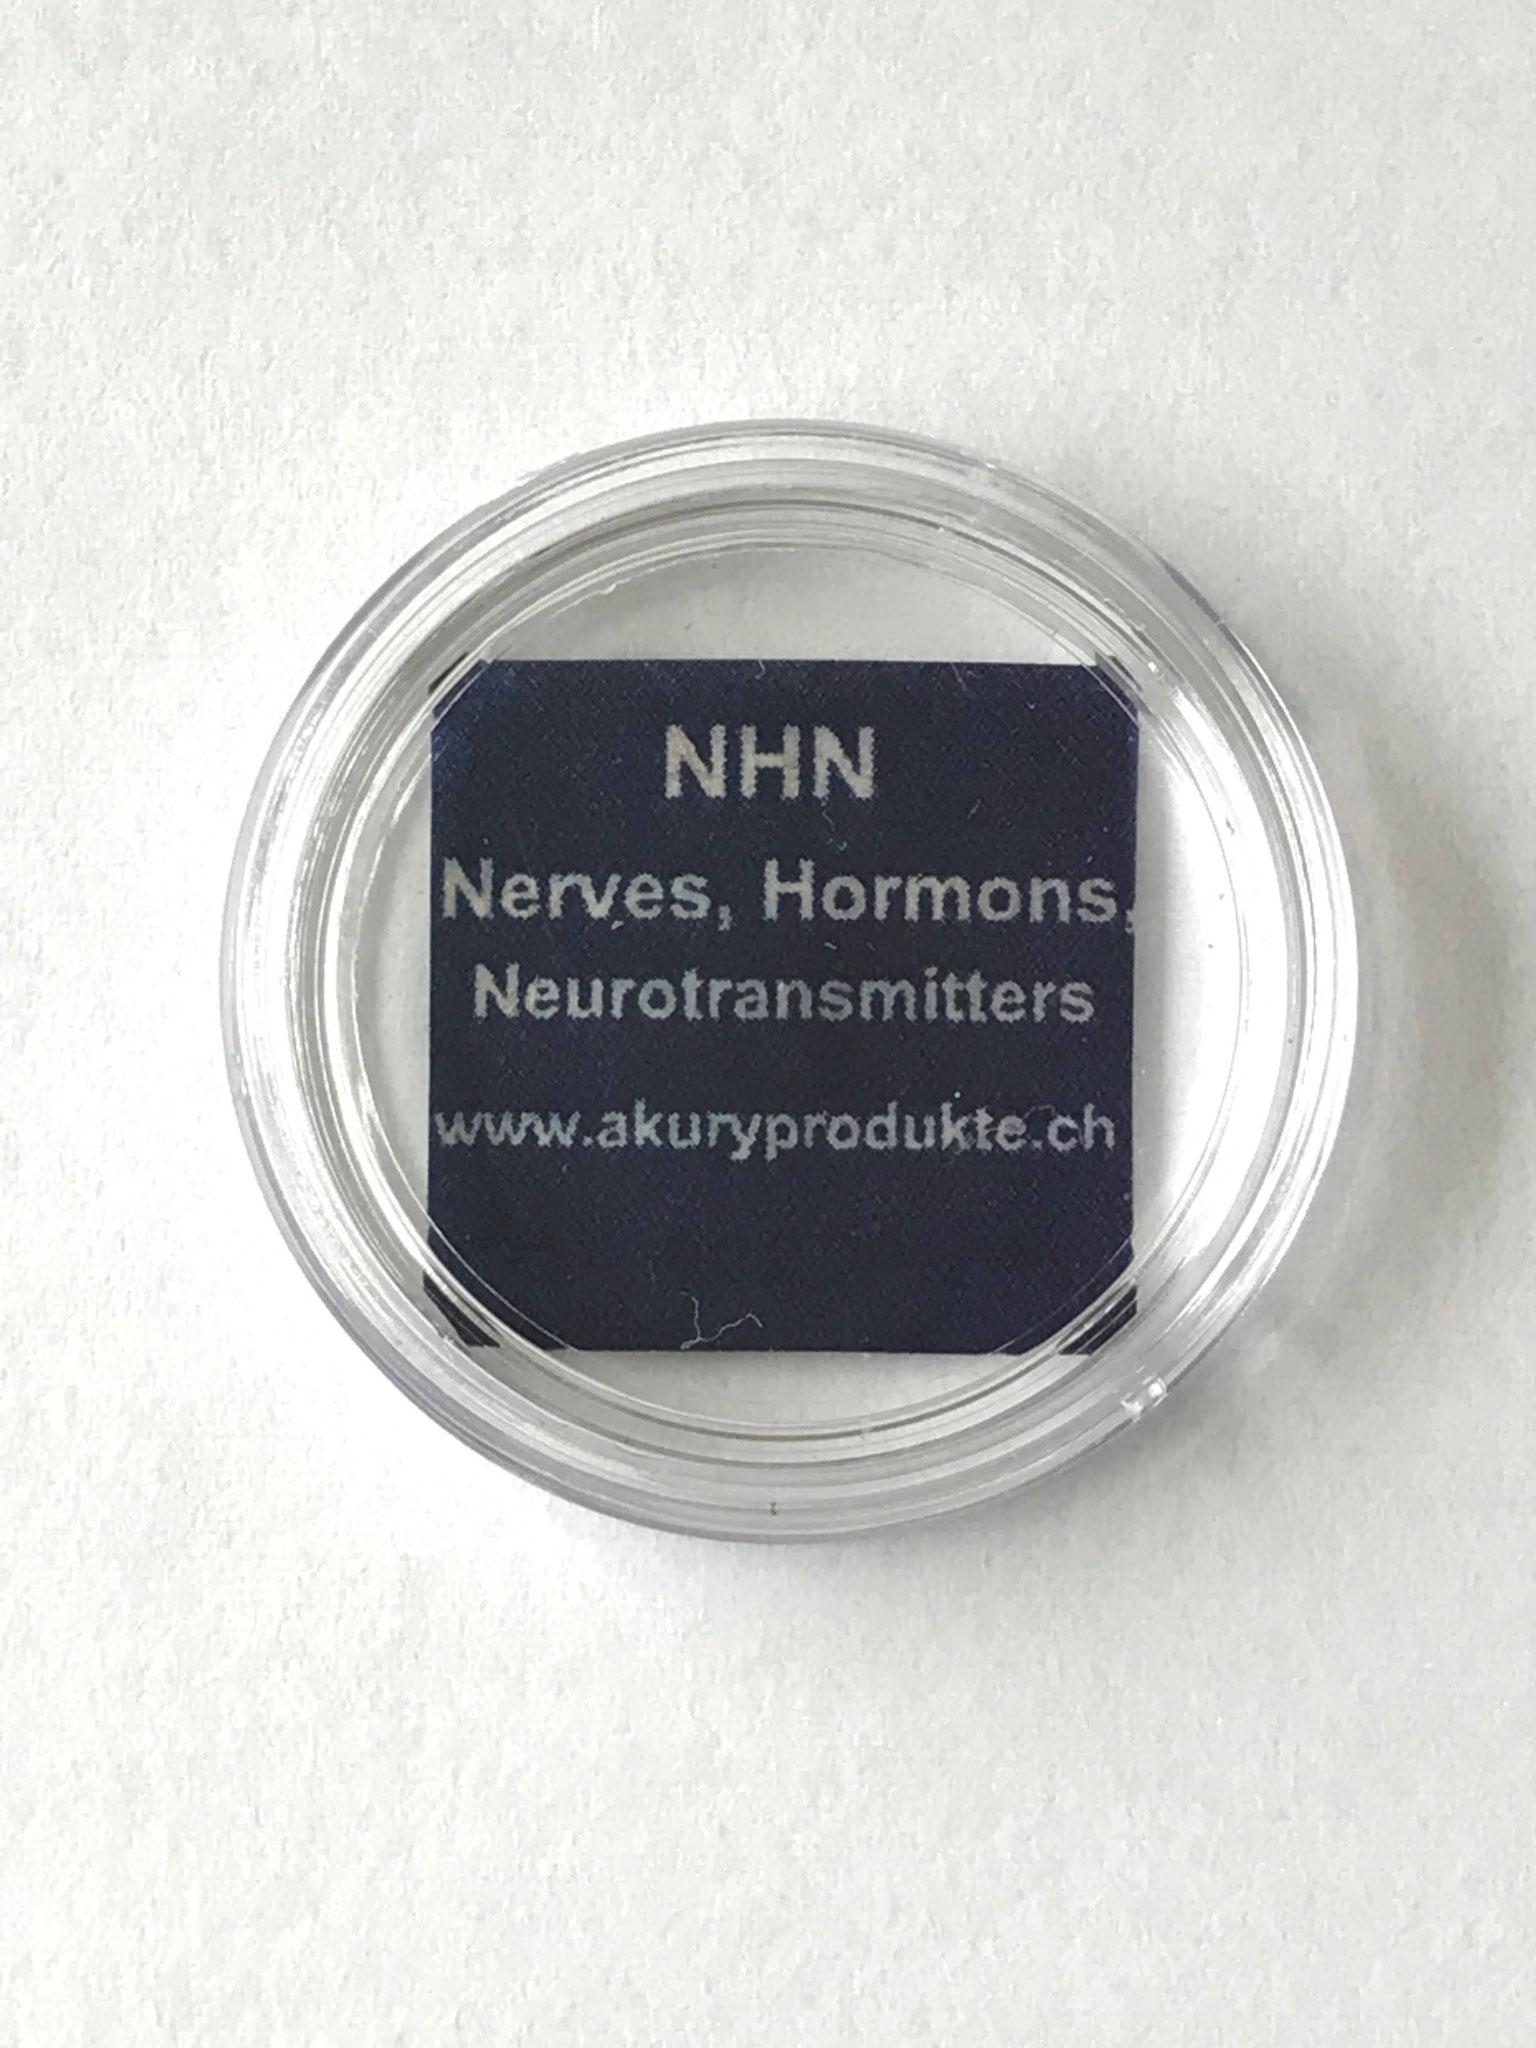 神経、ホルモン、神経伝達物質